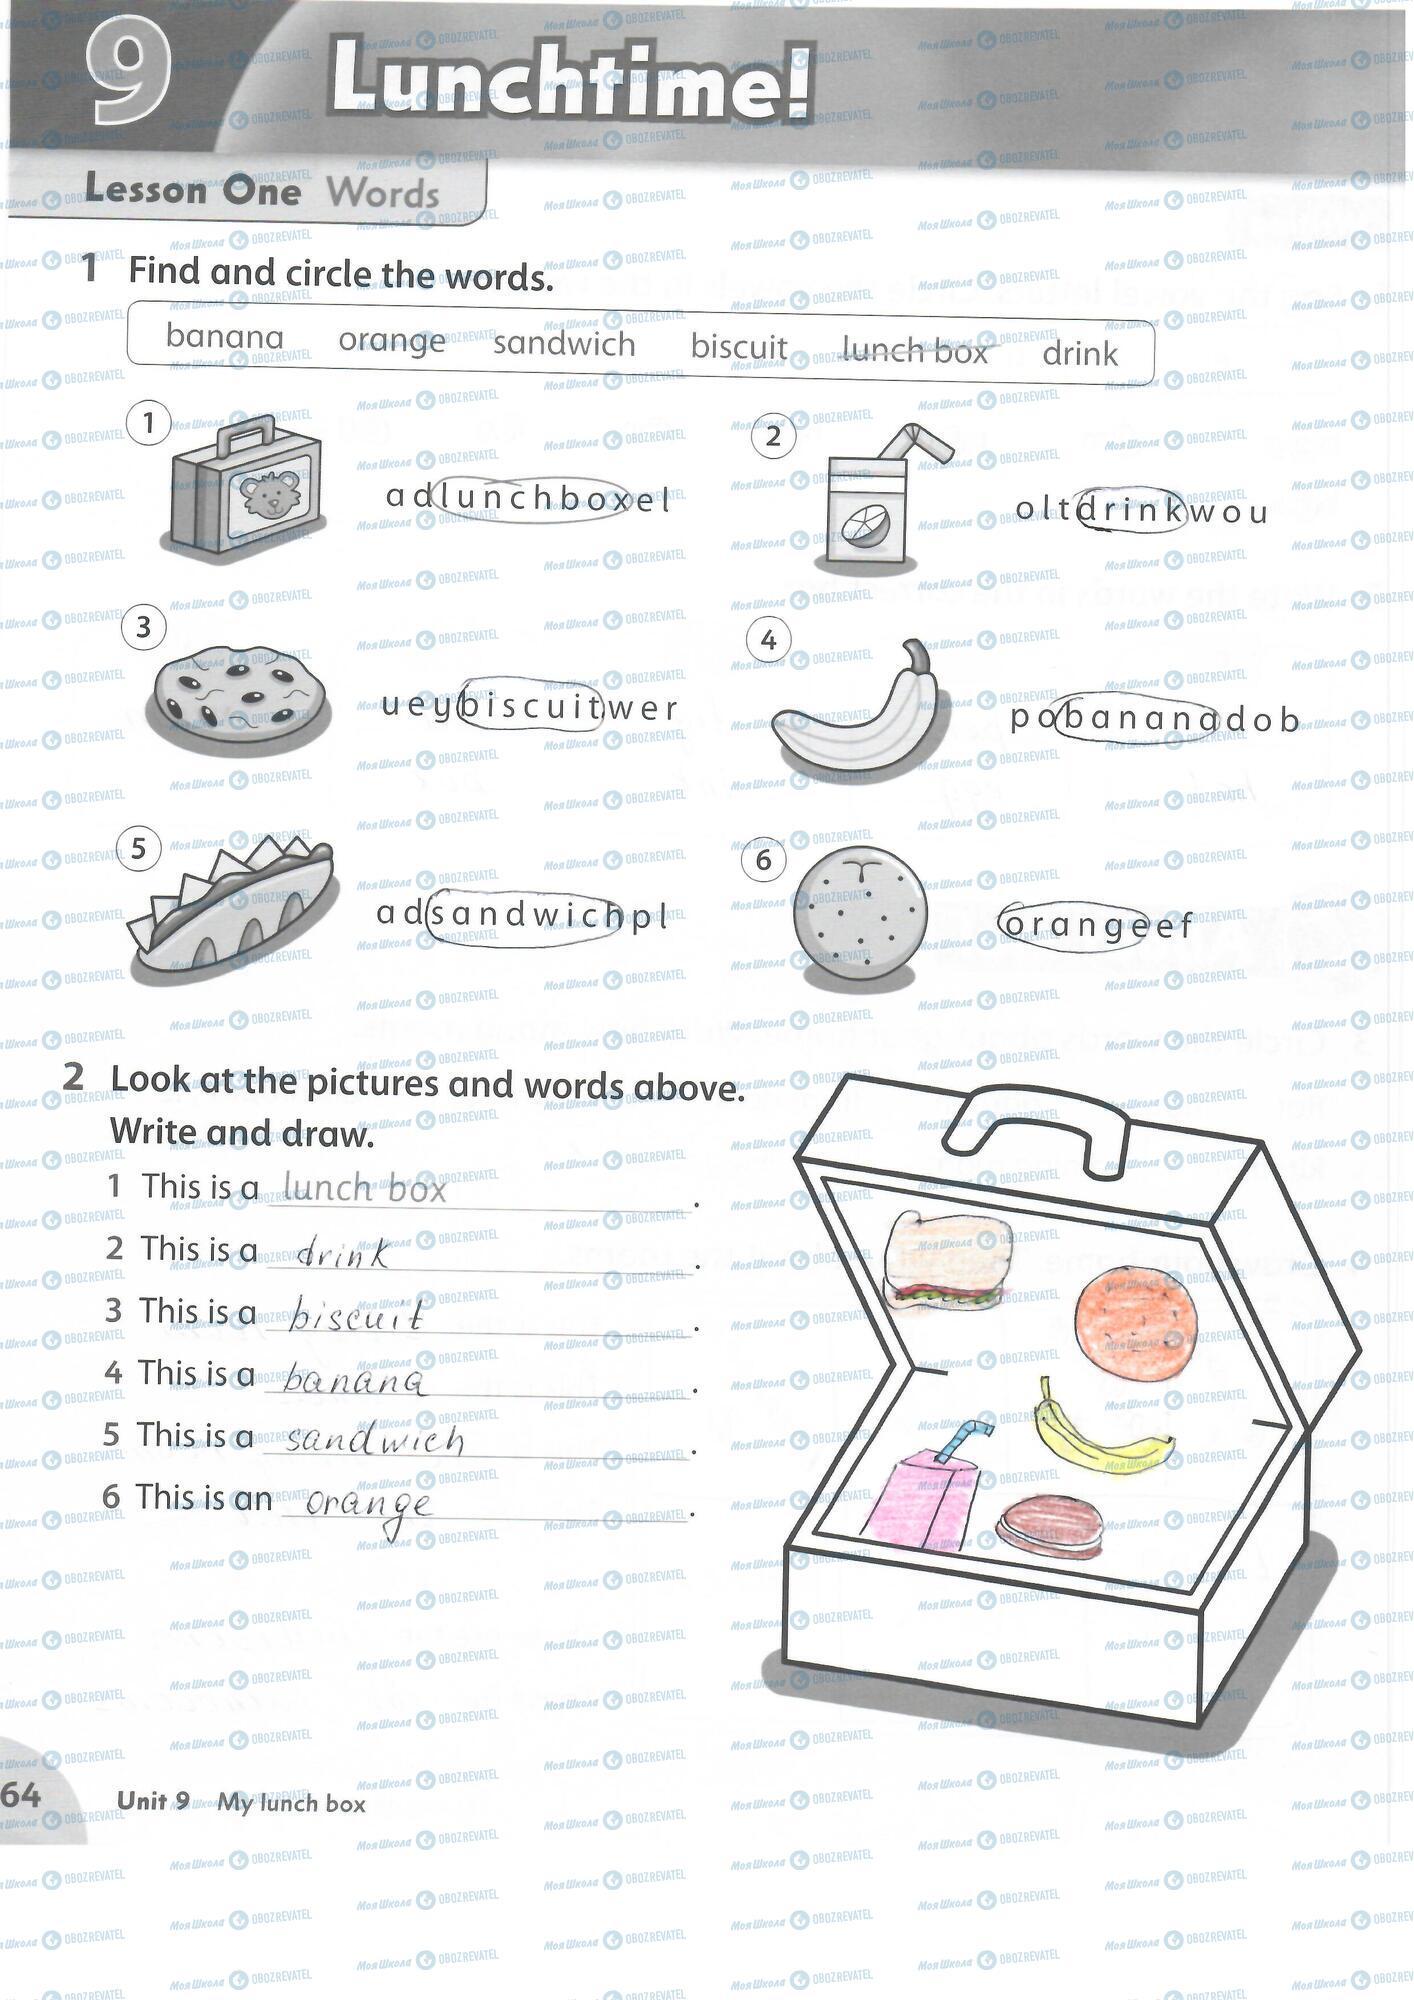 ГДЗ Англійська мова 1 клас сторінка 64